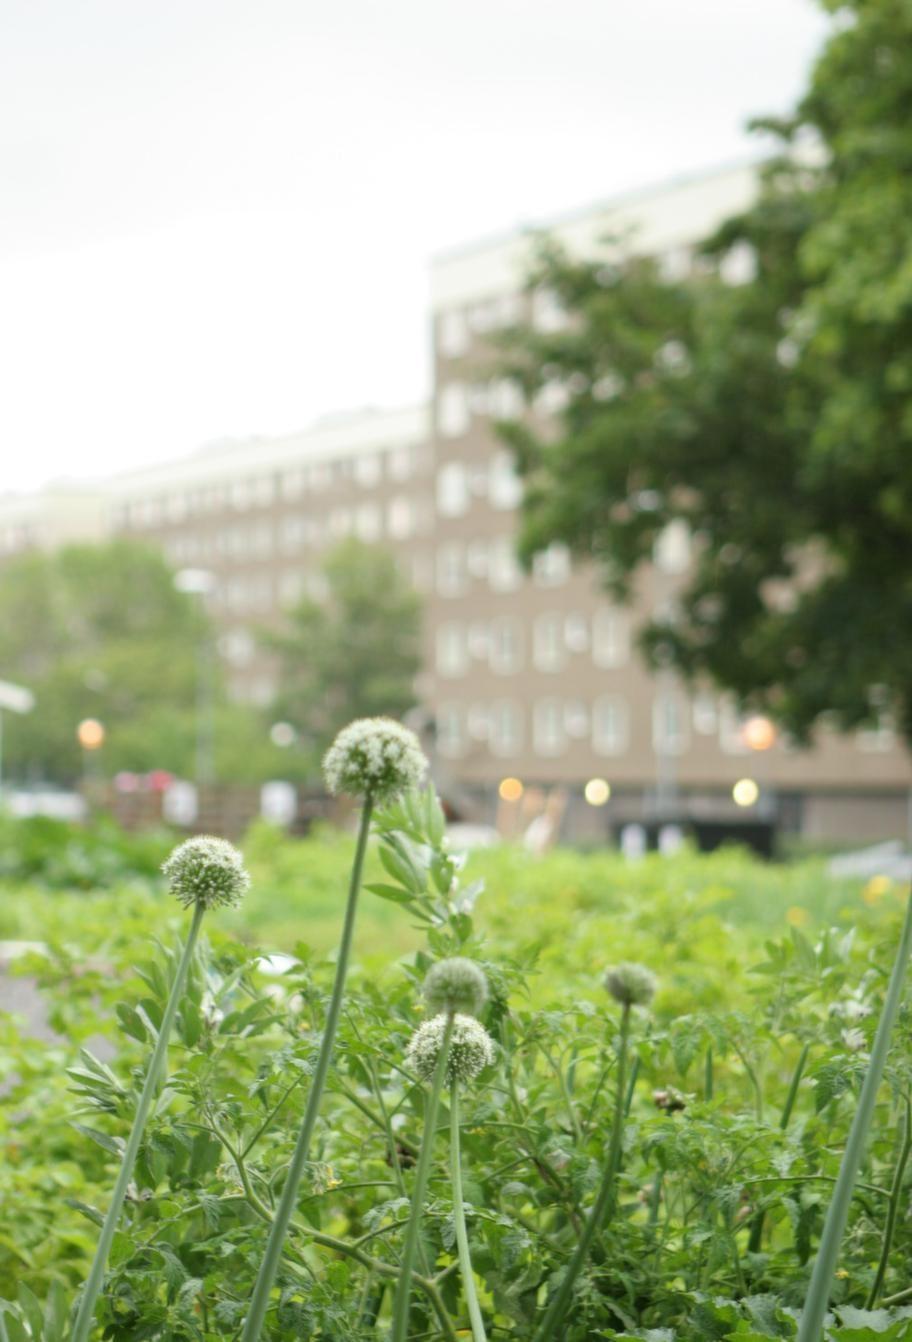 Förort. <br>I Alby utanför Stockholm har det funnits odlingslotter vid hyreshusen sedan 1970-talet, och de finns fortfarande. I de nyrenoverade områdena i Alby har man lagt vikt vid att skapa vackra rabatter och grönskan inspirerar till mer odlingar.